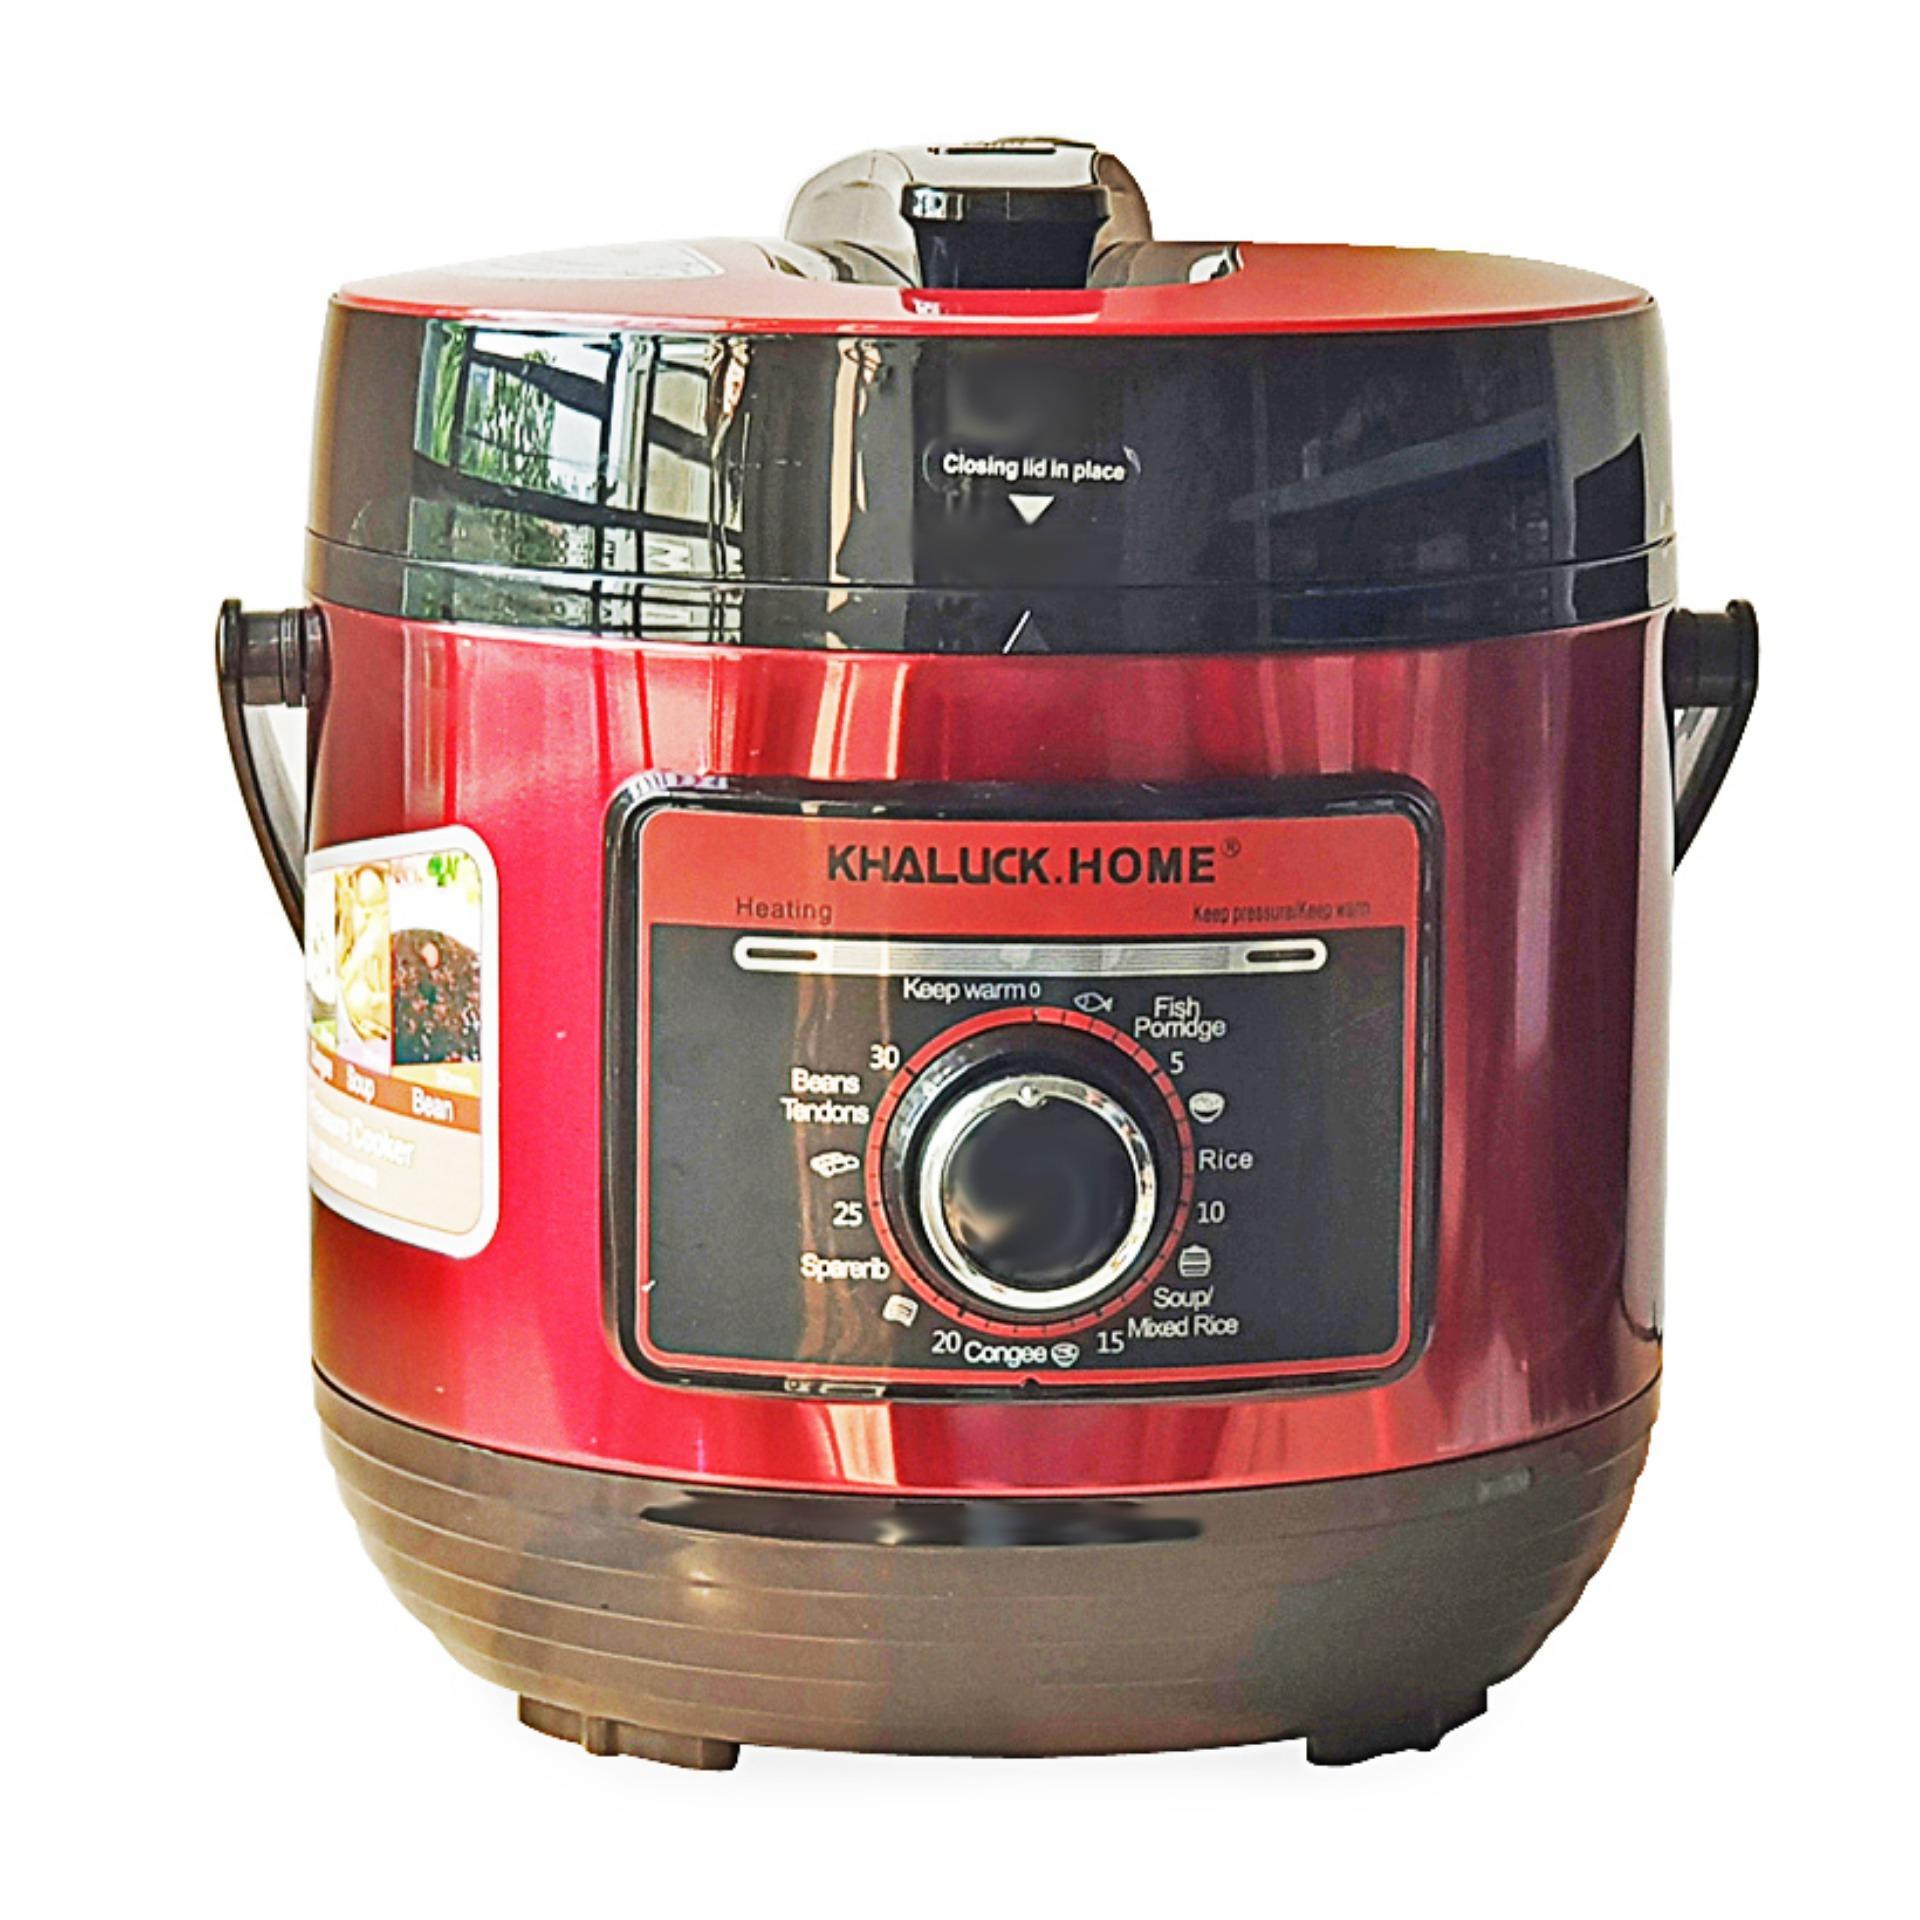 Nồi áp suất 6 Lít Inox 304, công suất 1000W Khaluck.home KL-708 - Hãng phân phối chính thức